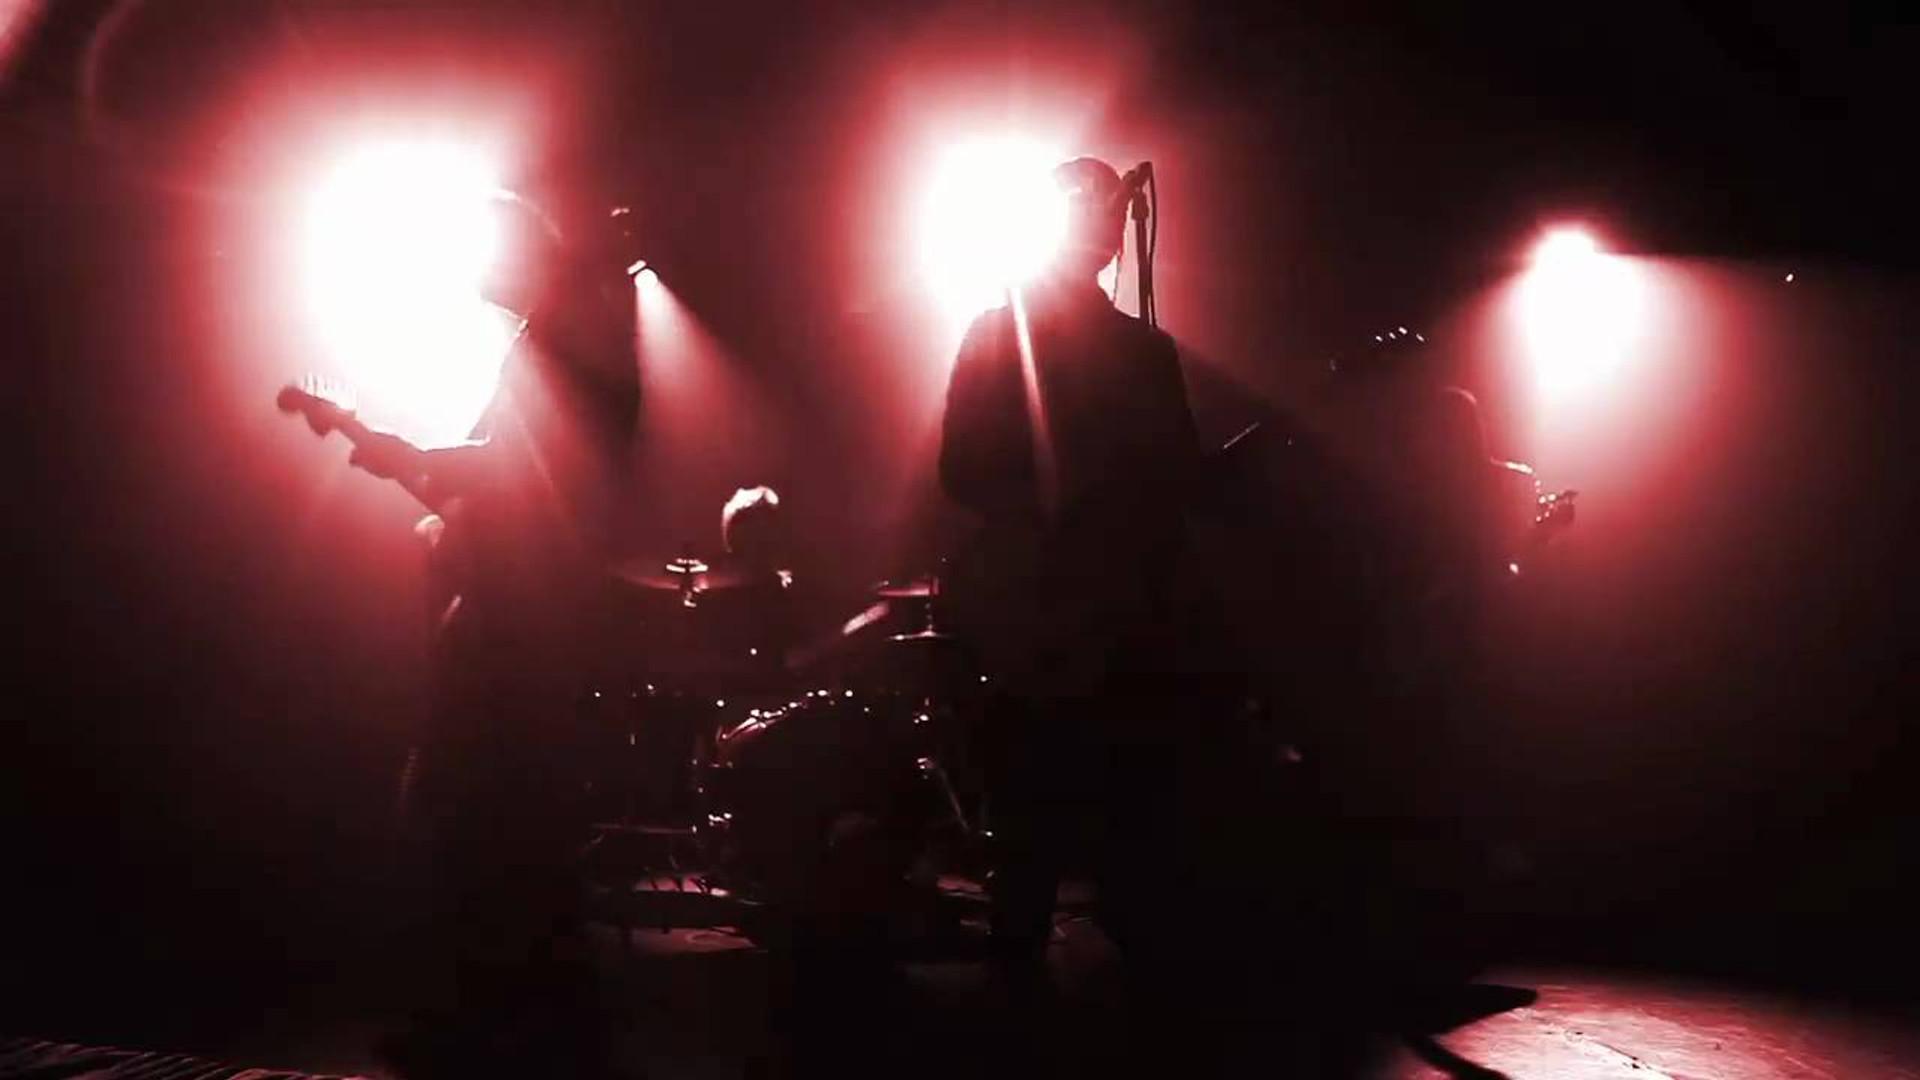 Deluka Cascade Music Video